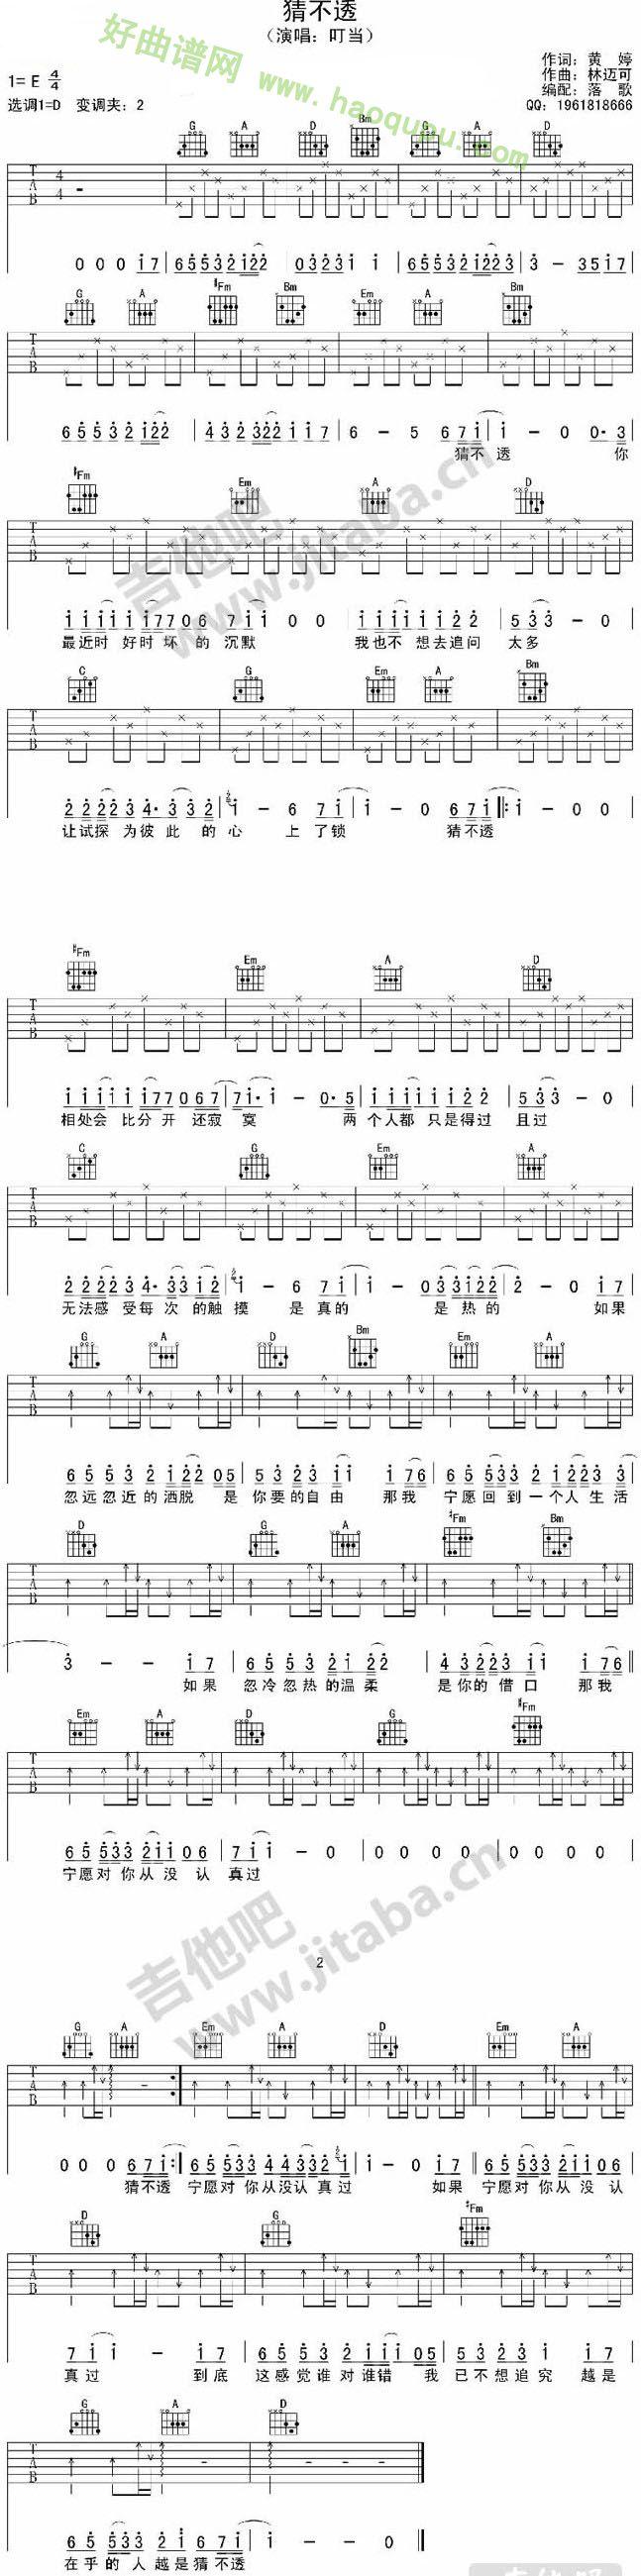 《猜不透》 - 吉他谱_吉他曲谱_吉他歌谱 - 好曲谱网